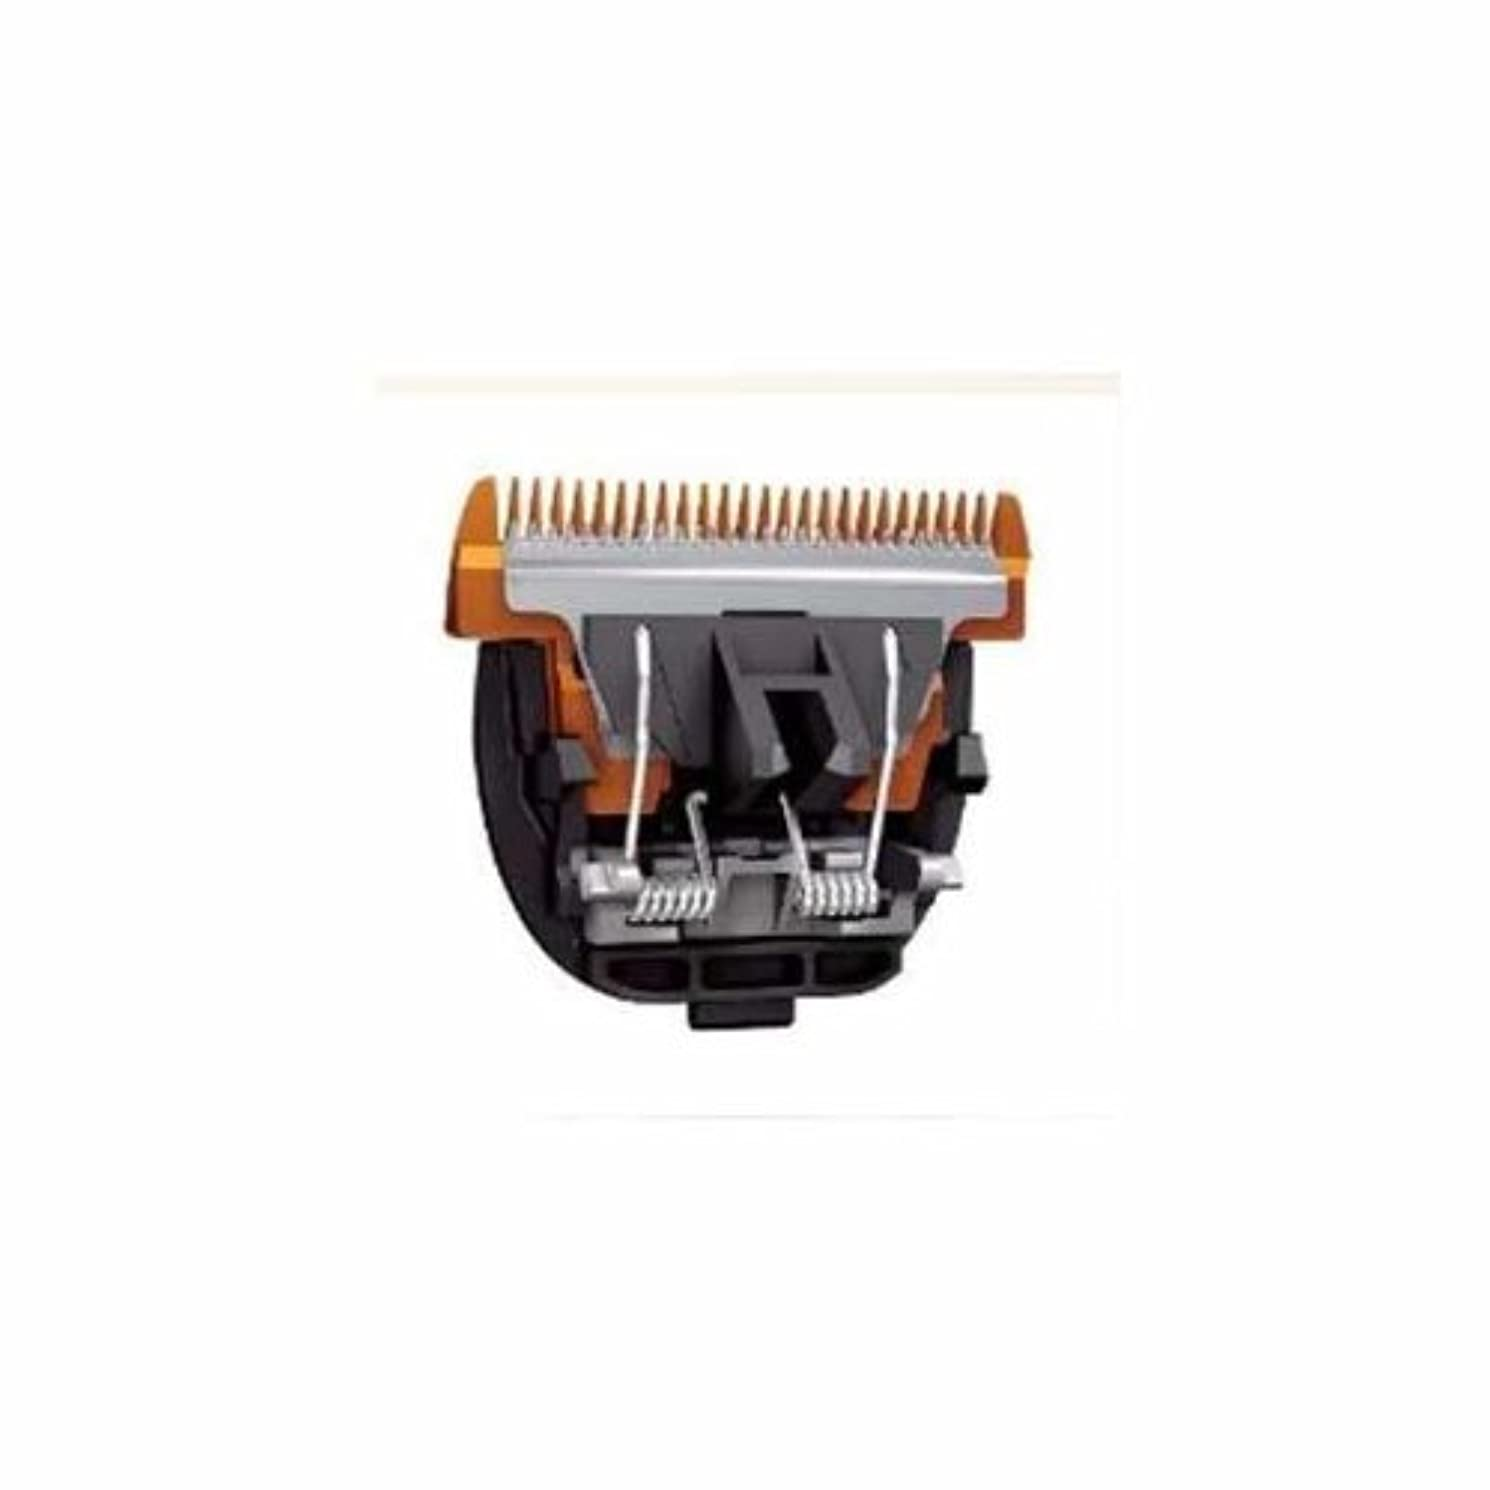 司令官劇場椅子パナソニック プロ バリカン ER1610P-K/ER 1510P-S/ER-GP80用 替刃 ER-9900